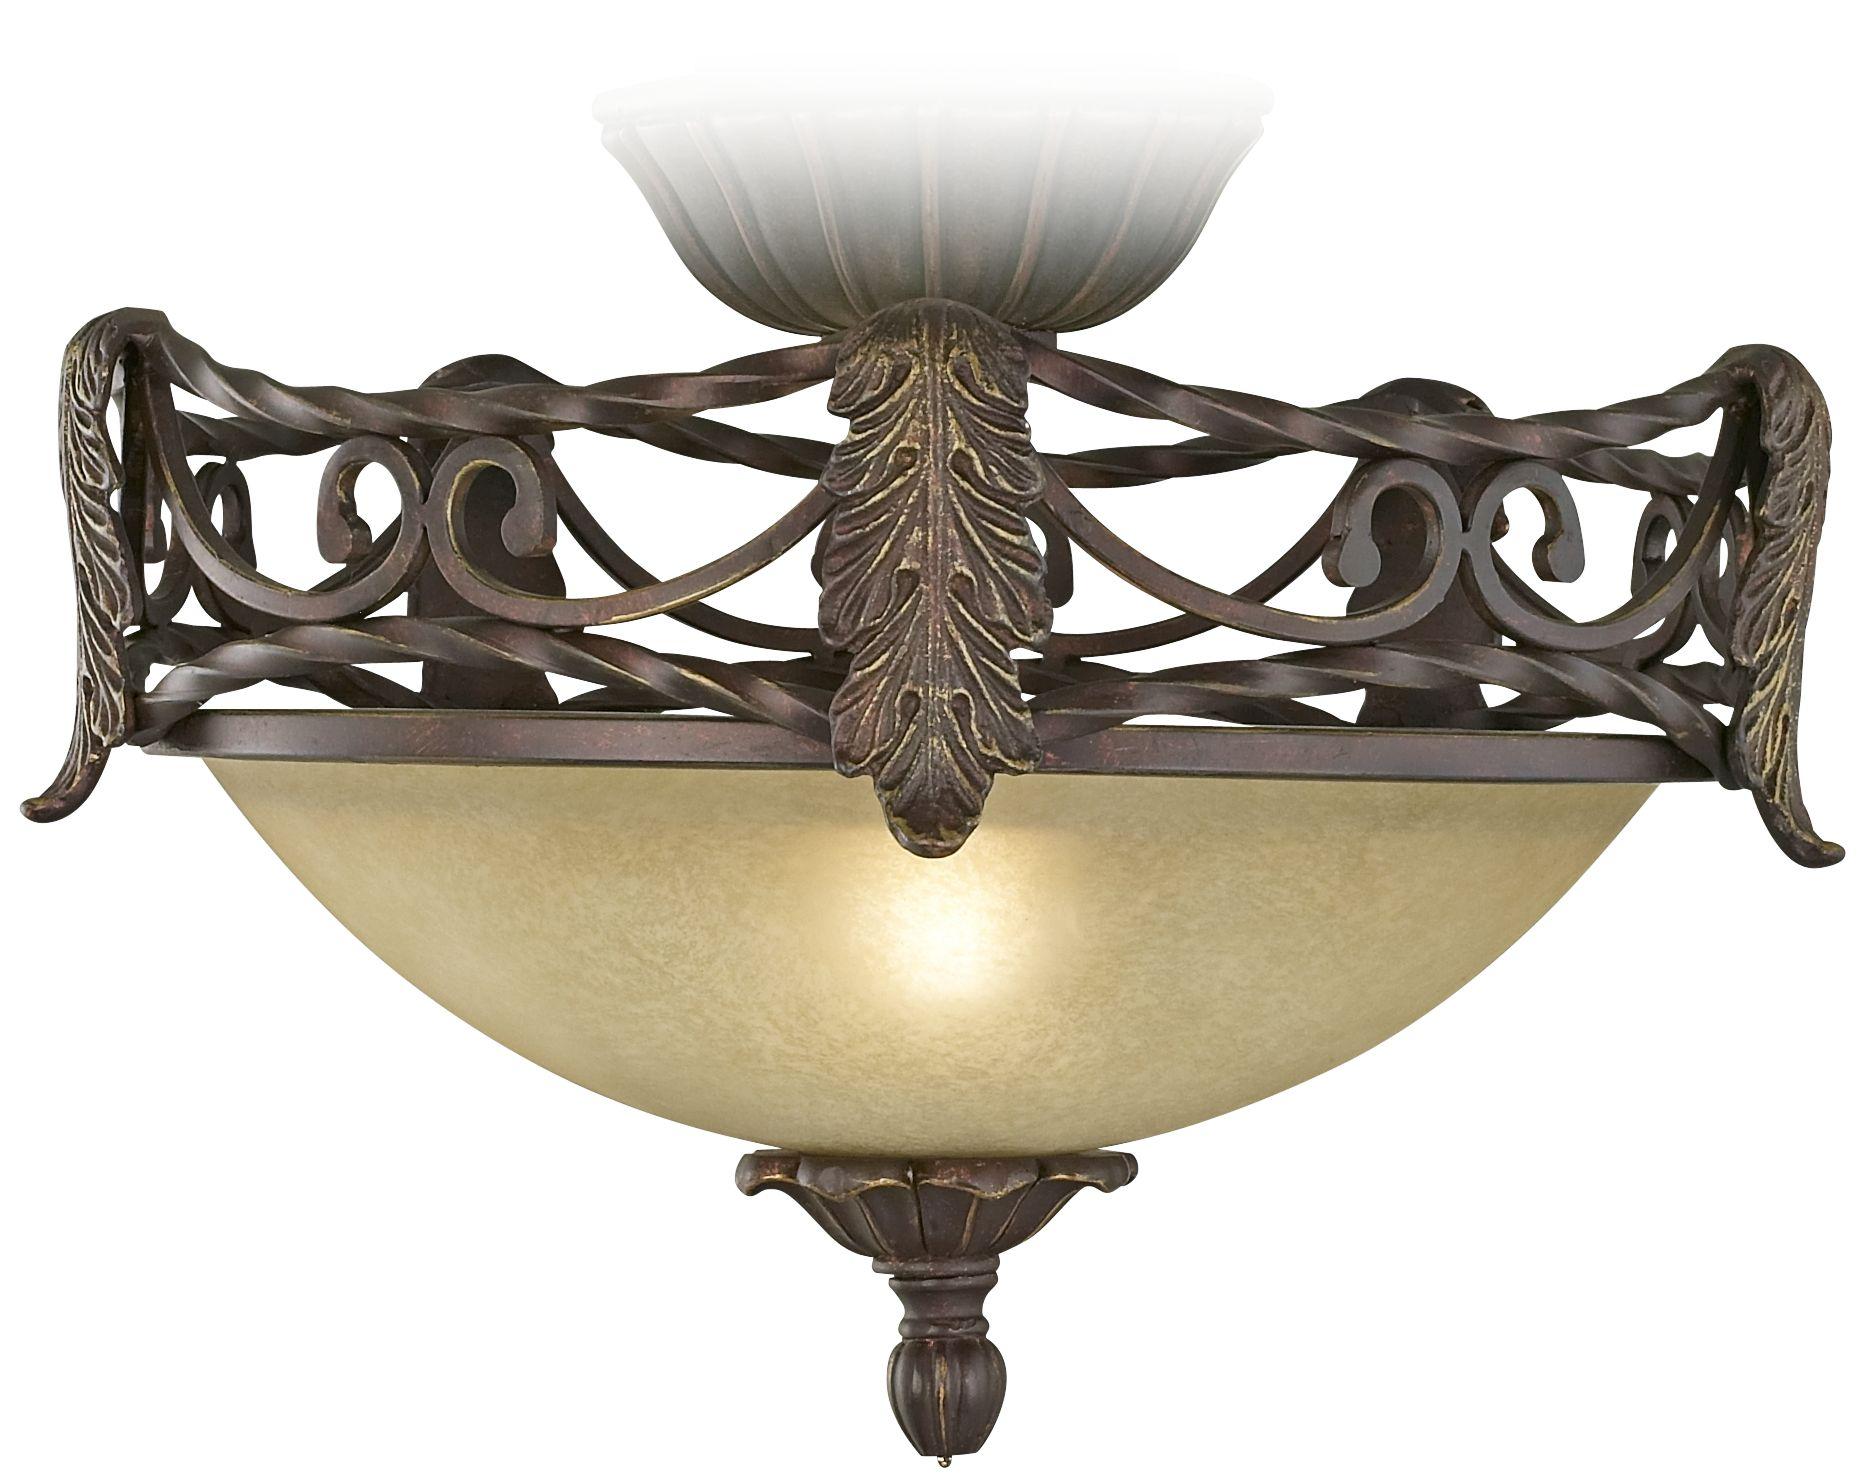 acanthus pullchain ceiling fan light kit in scavo - Ceiling Fan Light Kits